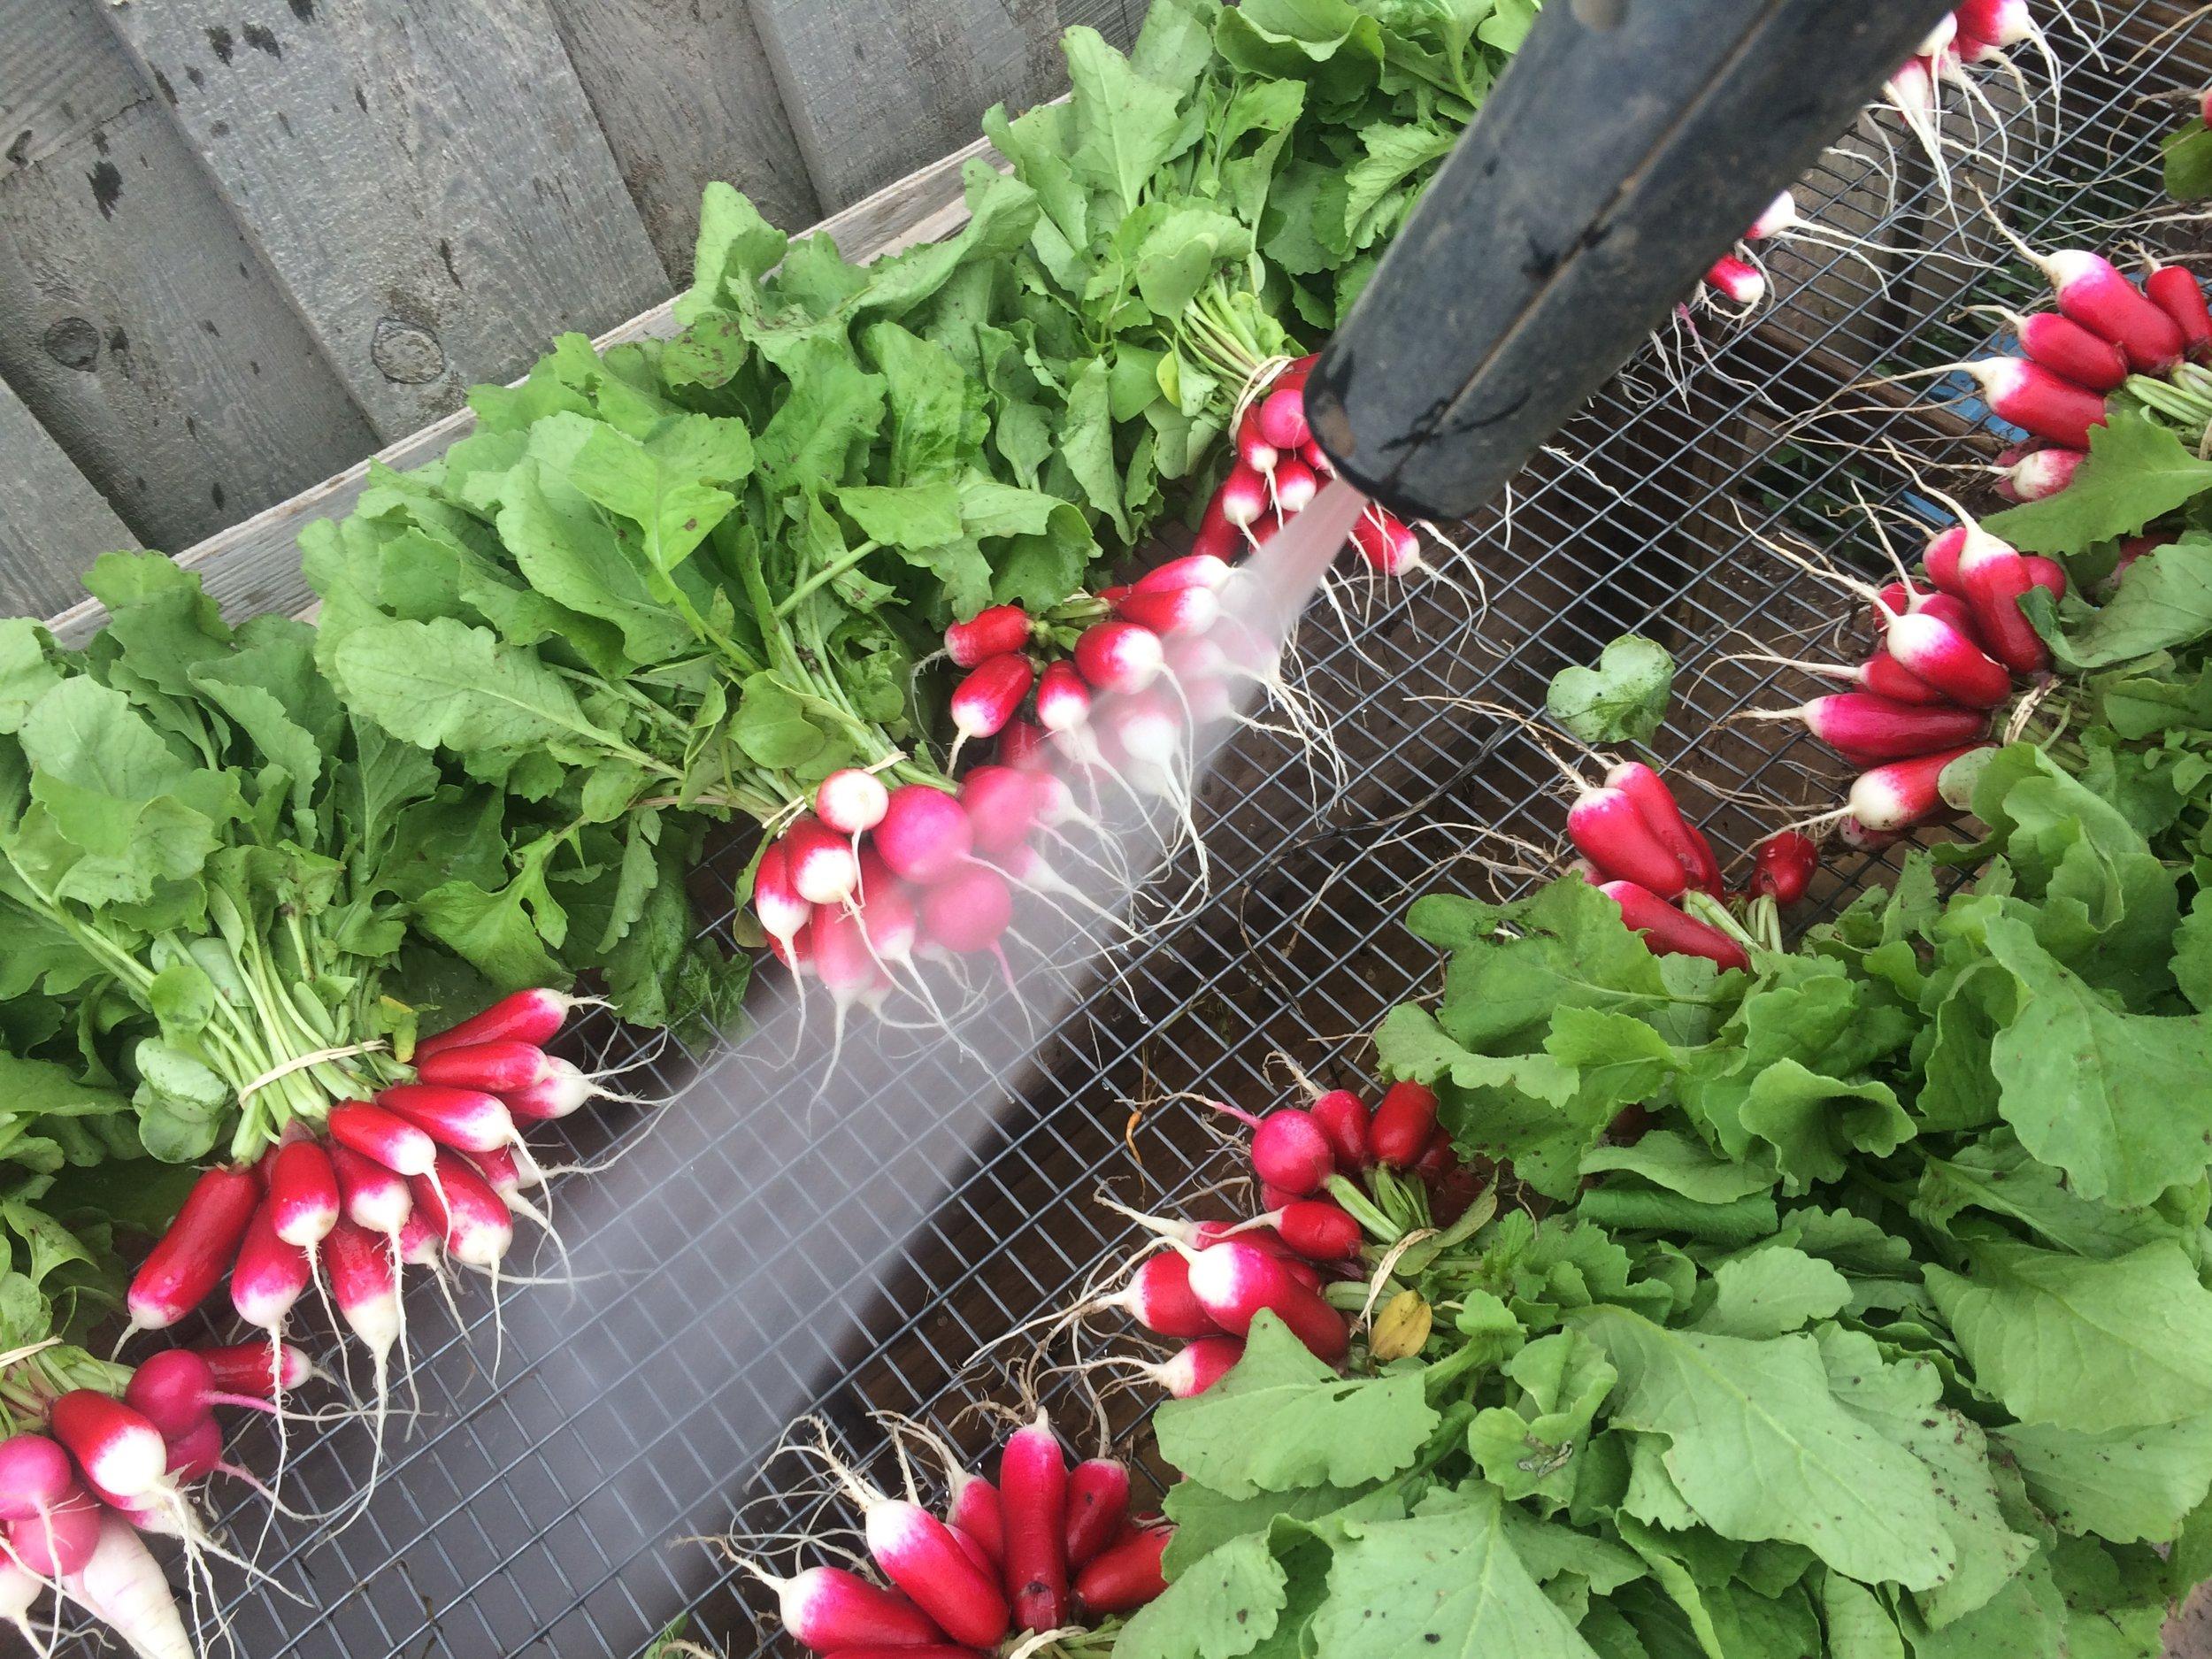 Quand les radis d'automne arrivent, ça fait comme un petit goût de printemps en fin de saison. Et on aime vraiment ça.